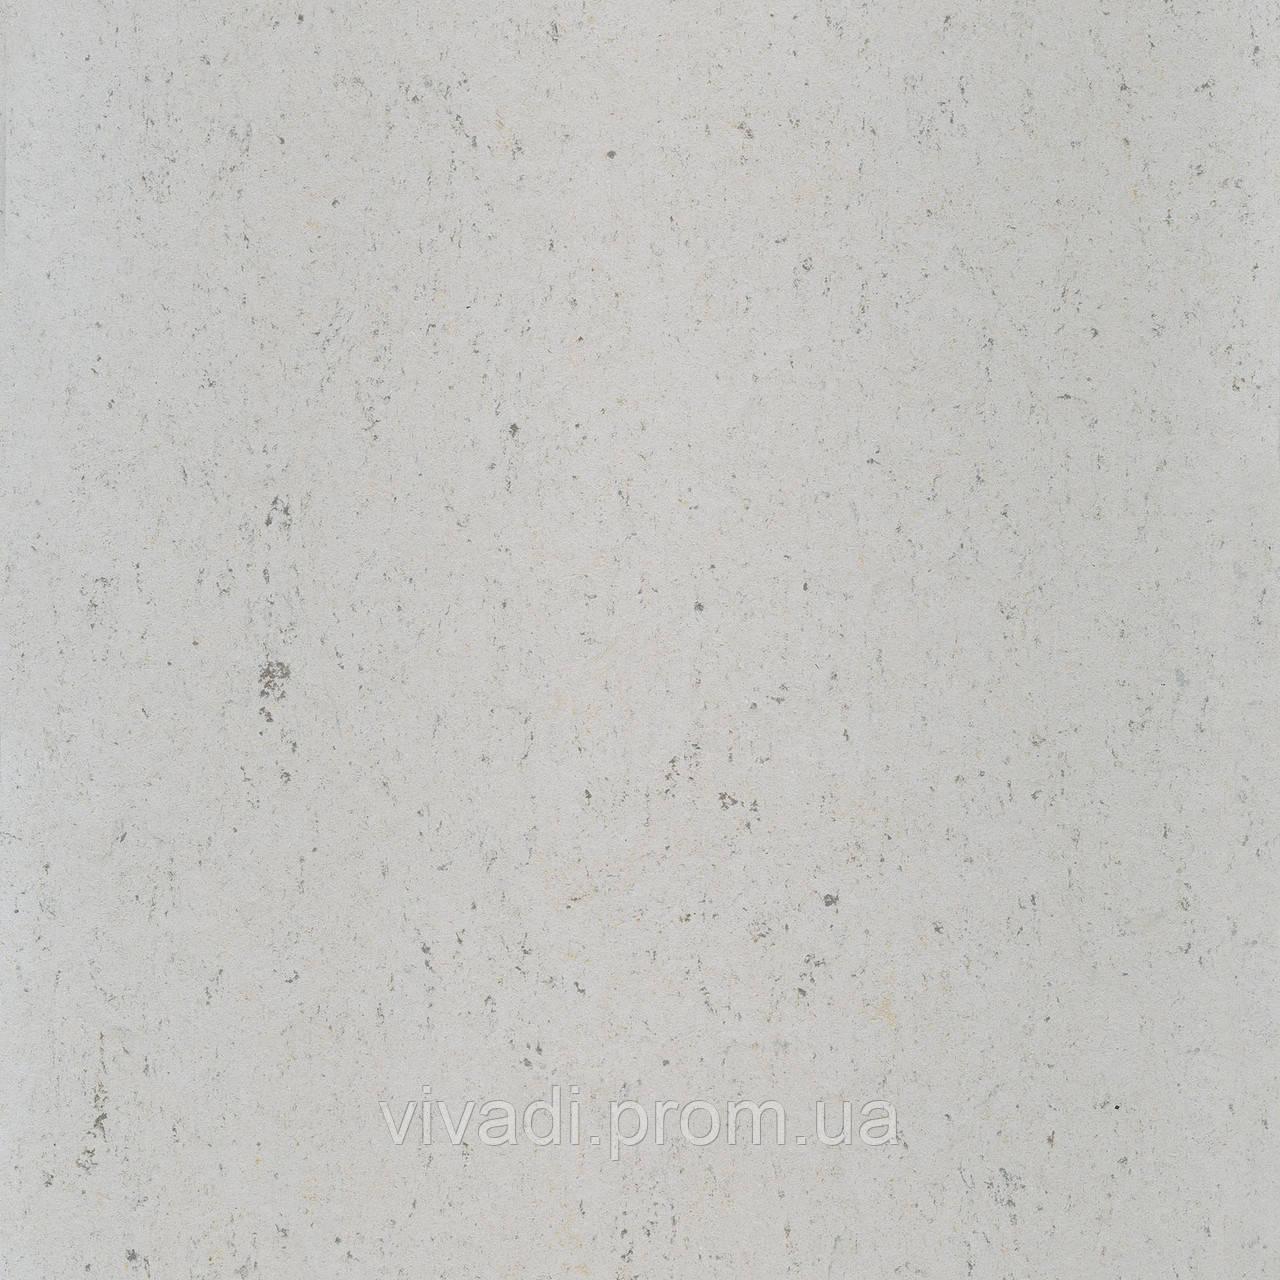 Натуральний лінолеум Colorette LPX - колір 131-052